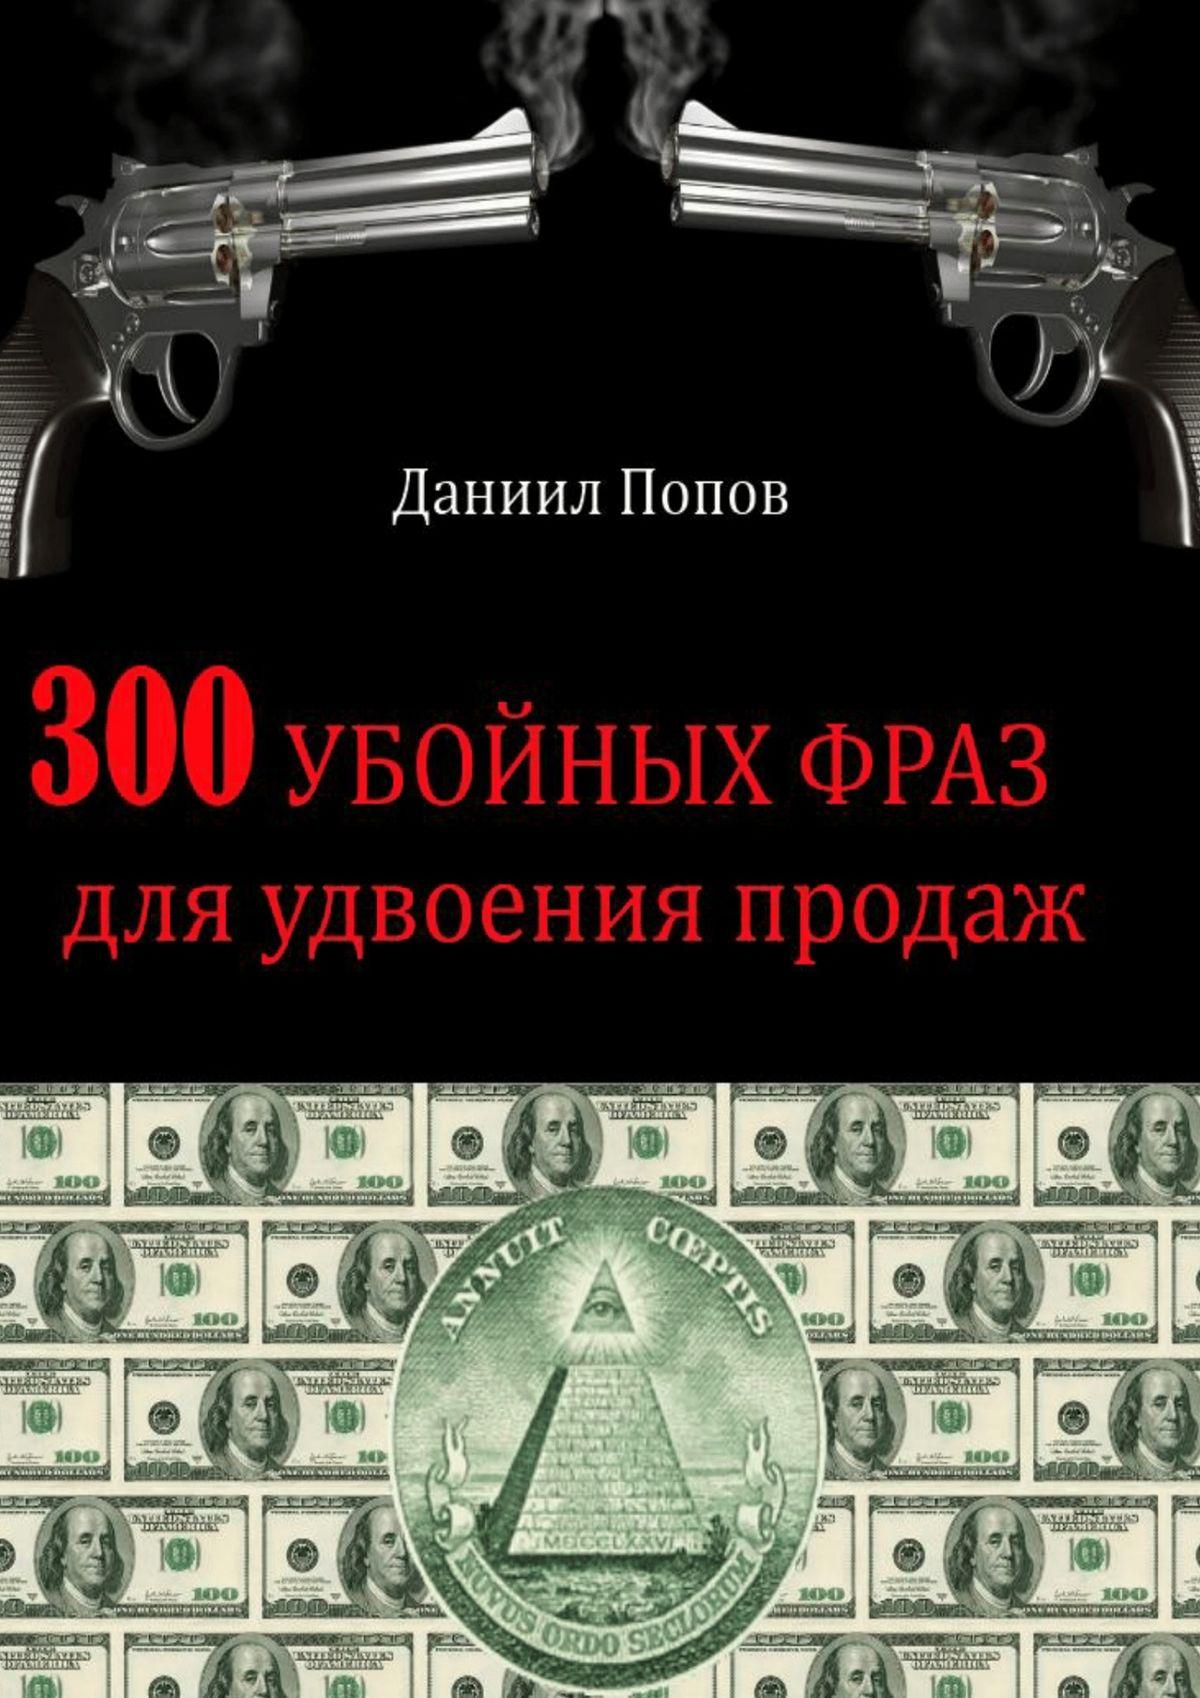 300 убойных фраз для удвоения продаж